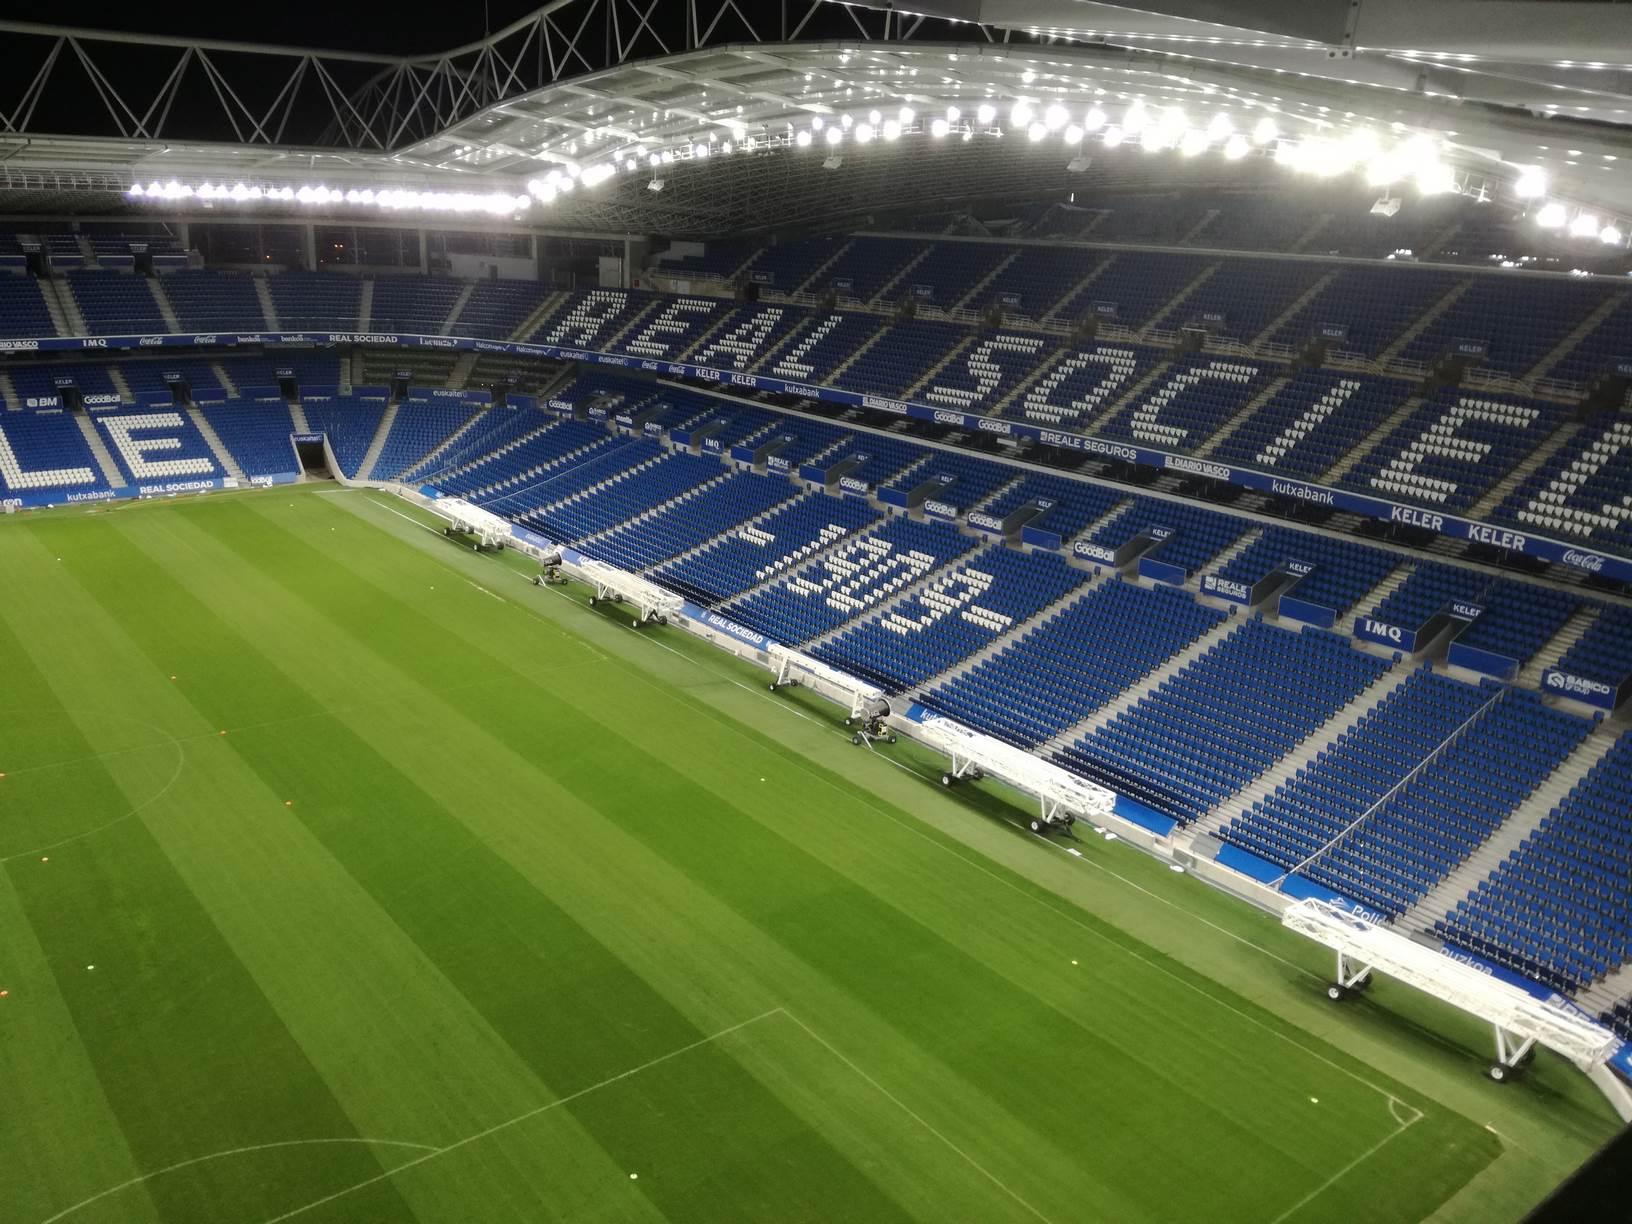 Estadio Municipal de Anoeta, San Sebastián (Guipuzcoa)